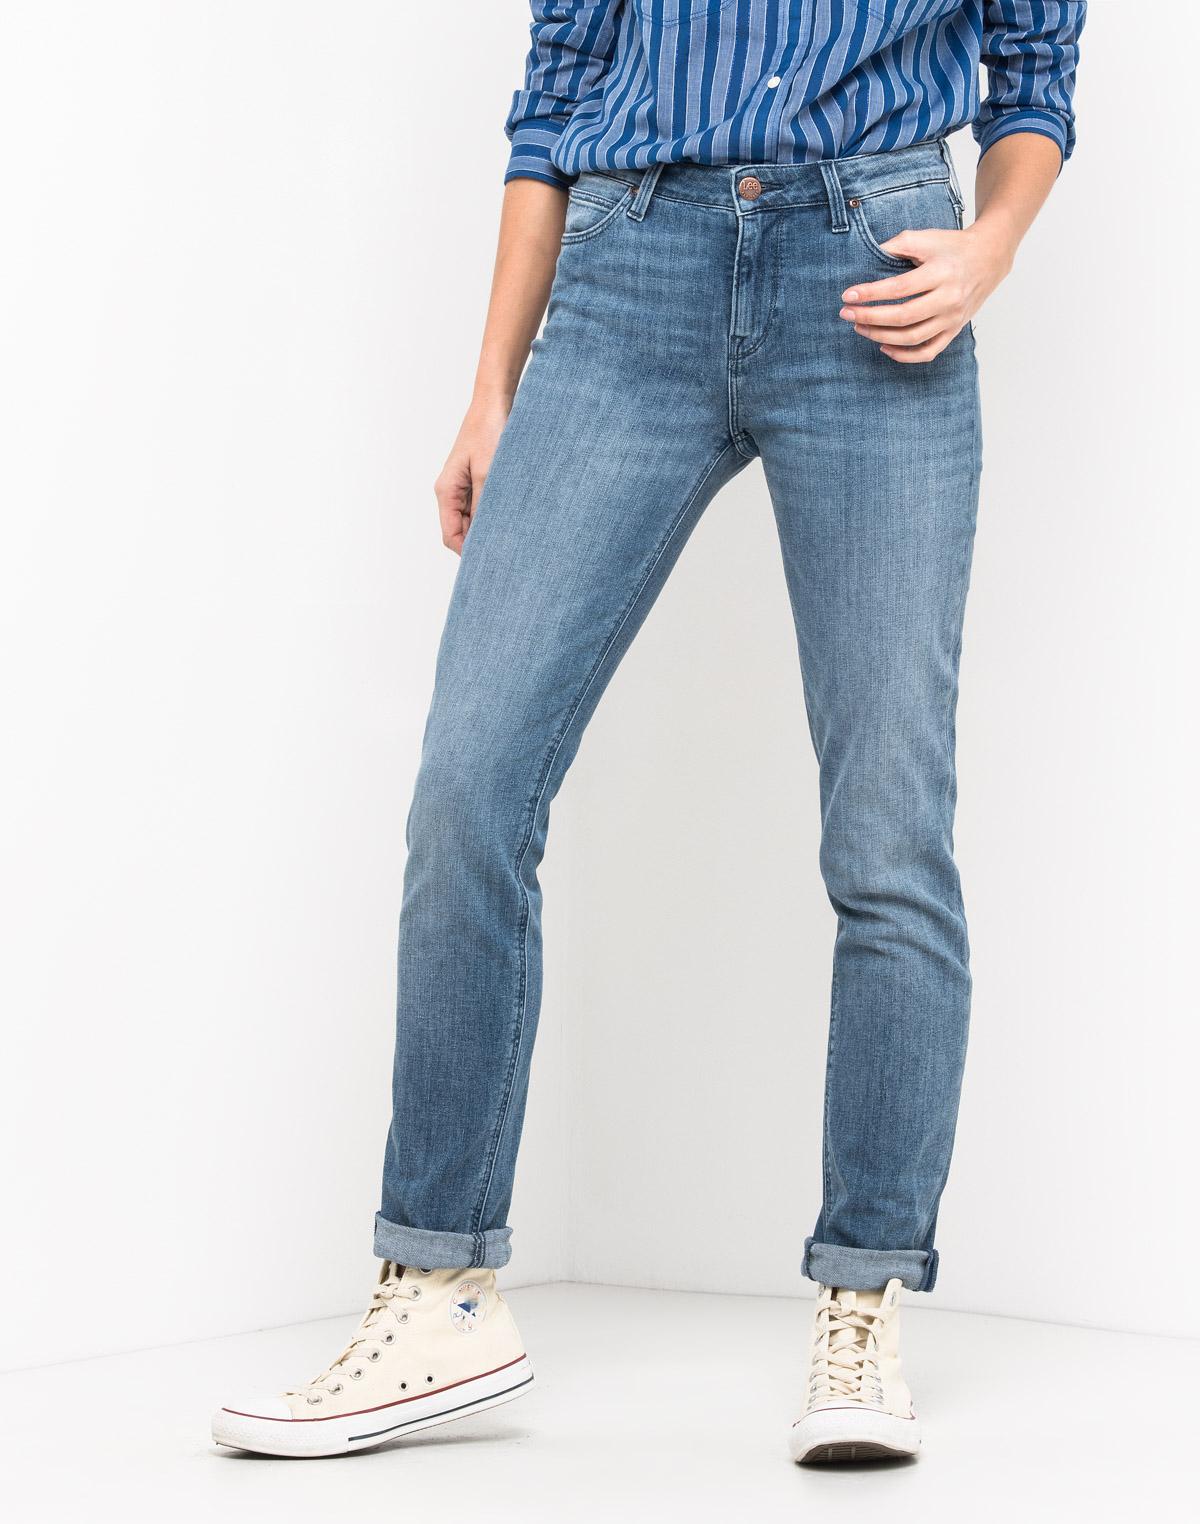 Джинсы женские Lee Elly, цвет: синий. L305AUVK. Размер 29-31 (44/46-31)L305AUVKЖенские джинсы Lee Elly выполнены из высококачественного эластичного материала. Джинсы зауженного кроя стандартной посадки на талии застегиваются на пуговицу в поясе и ширинку на застежке-молнии. На поясе имеются шлевки для ремня. Модель представляет собой классическую пятикарманку: два втачных и накладной карманы спереди и два накладных кармана сзади.